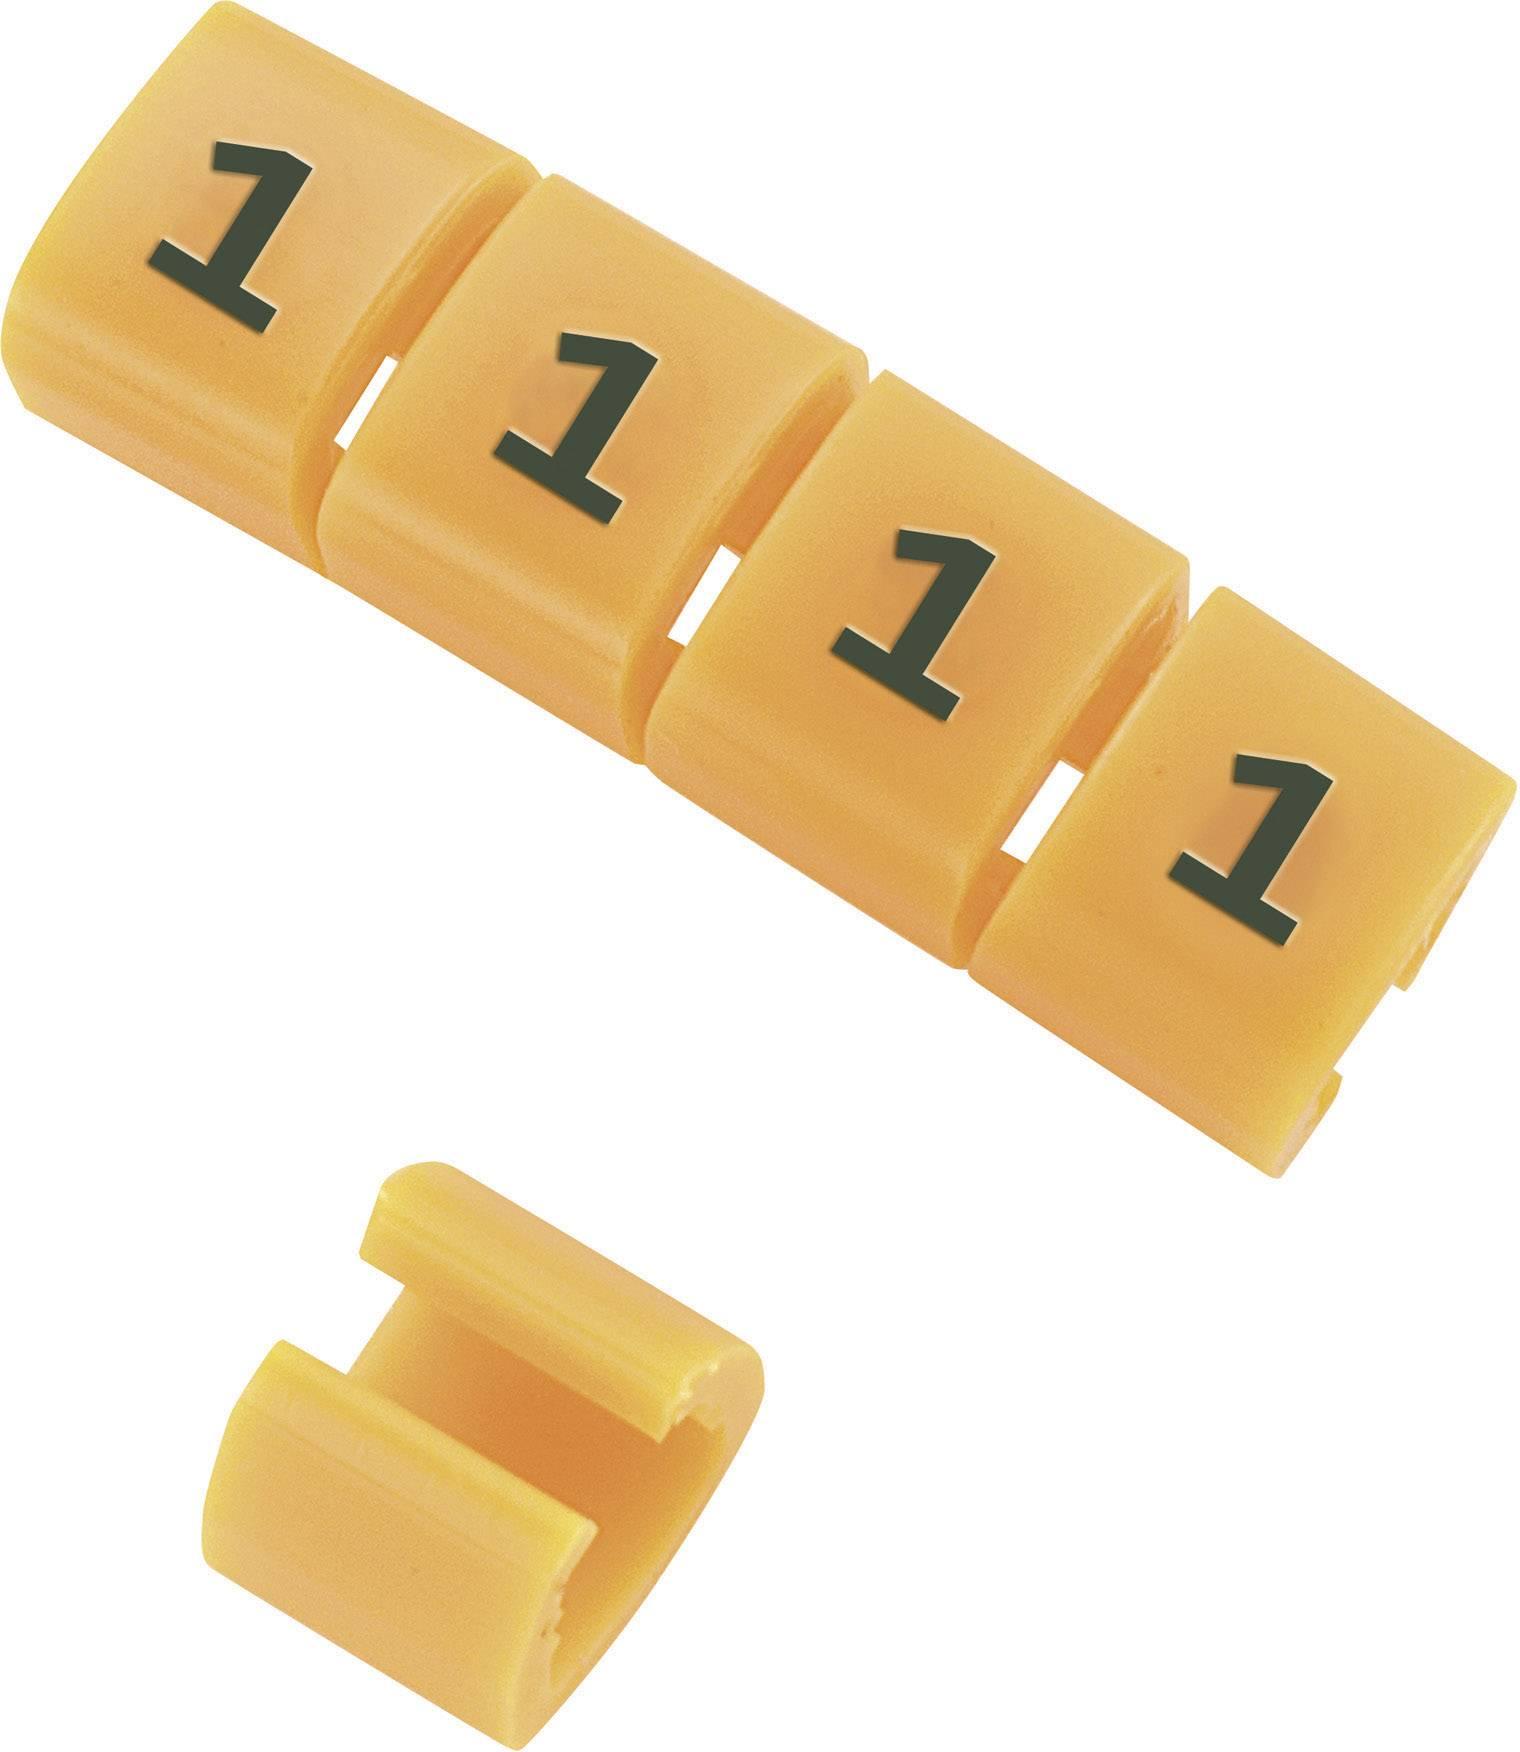 Označovacie objímka na káble KSS MB1/2, oranžová, 10 ks